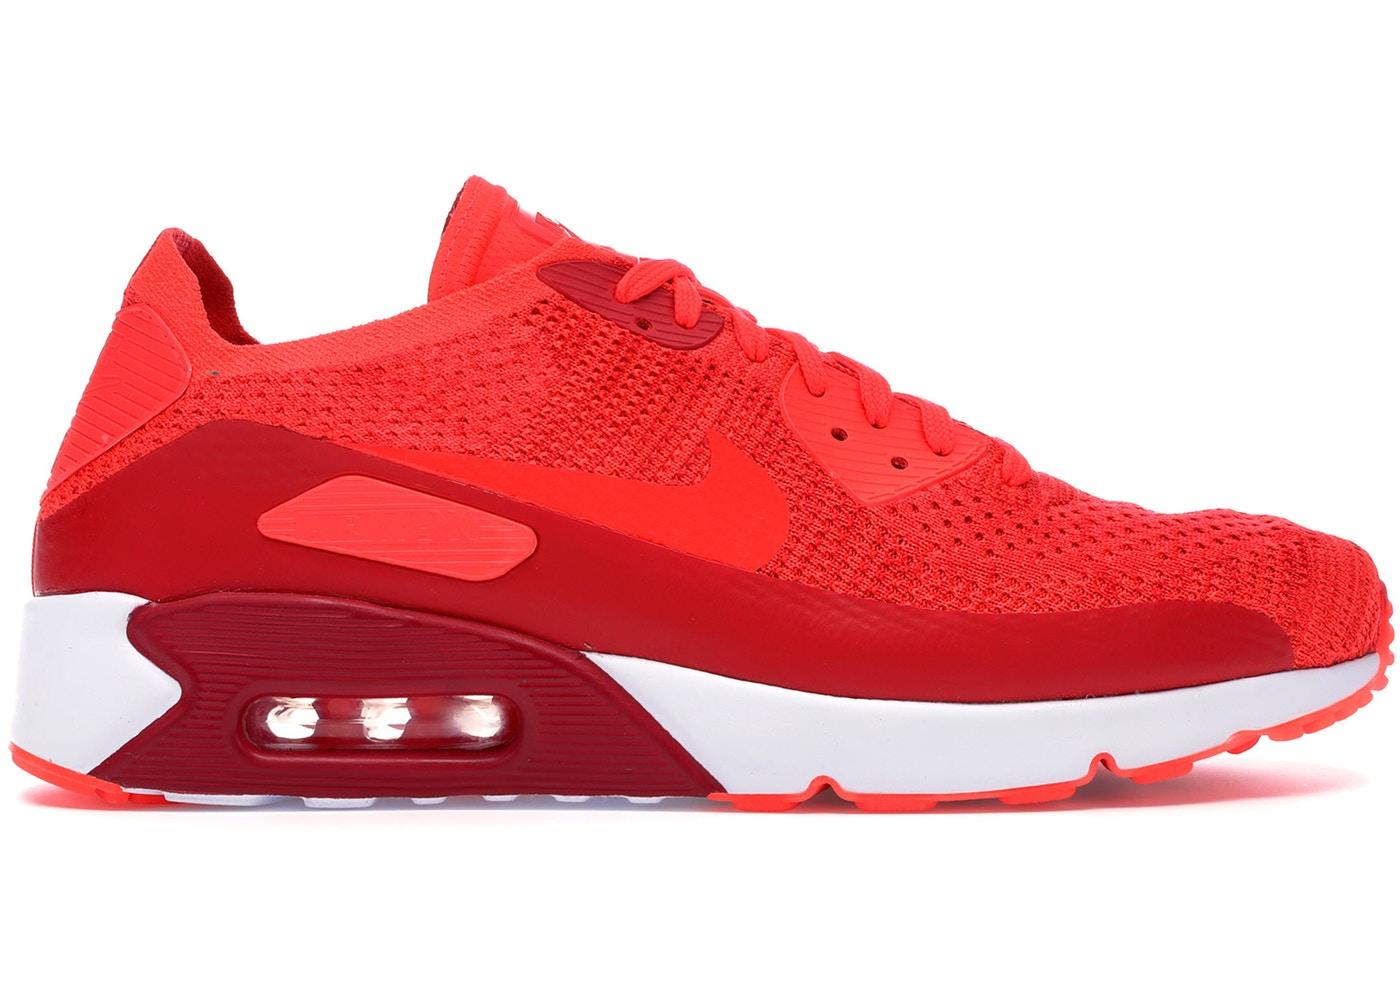 ナイキ メンズ Nike Air Max 90 Ultra 2.0 Flyknit Bright Crimson スニーカー BRIGHT CRIMSON/BRIGHT CRIMSON エアマックス90